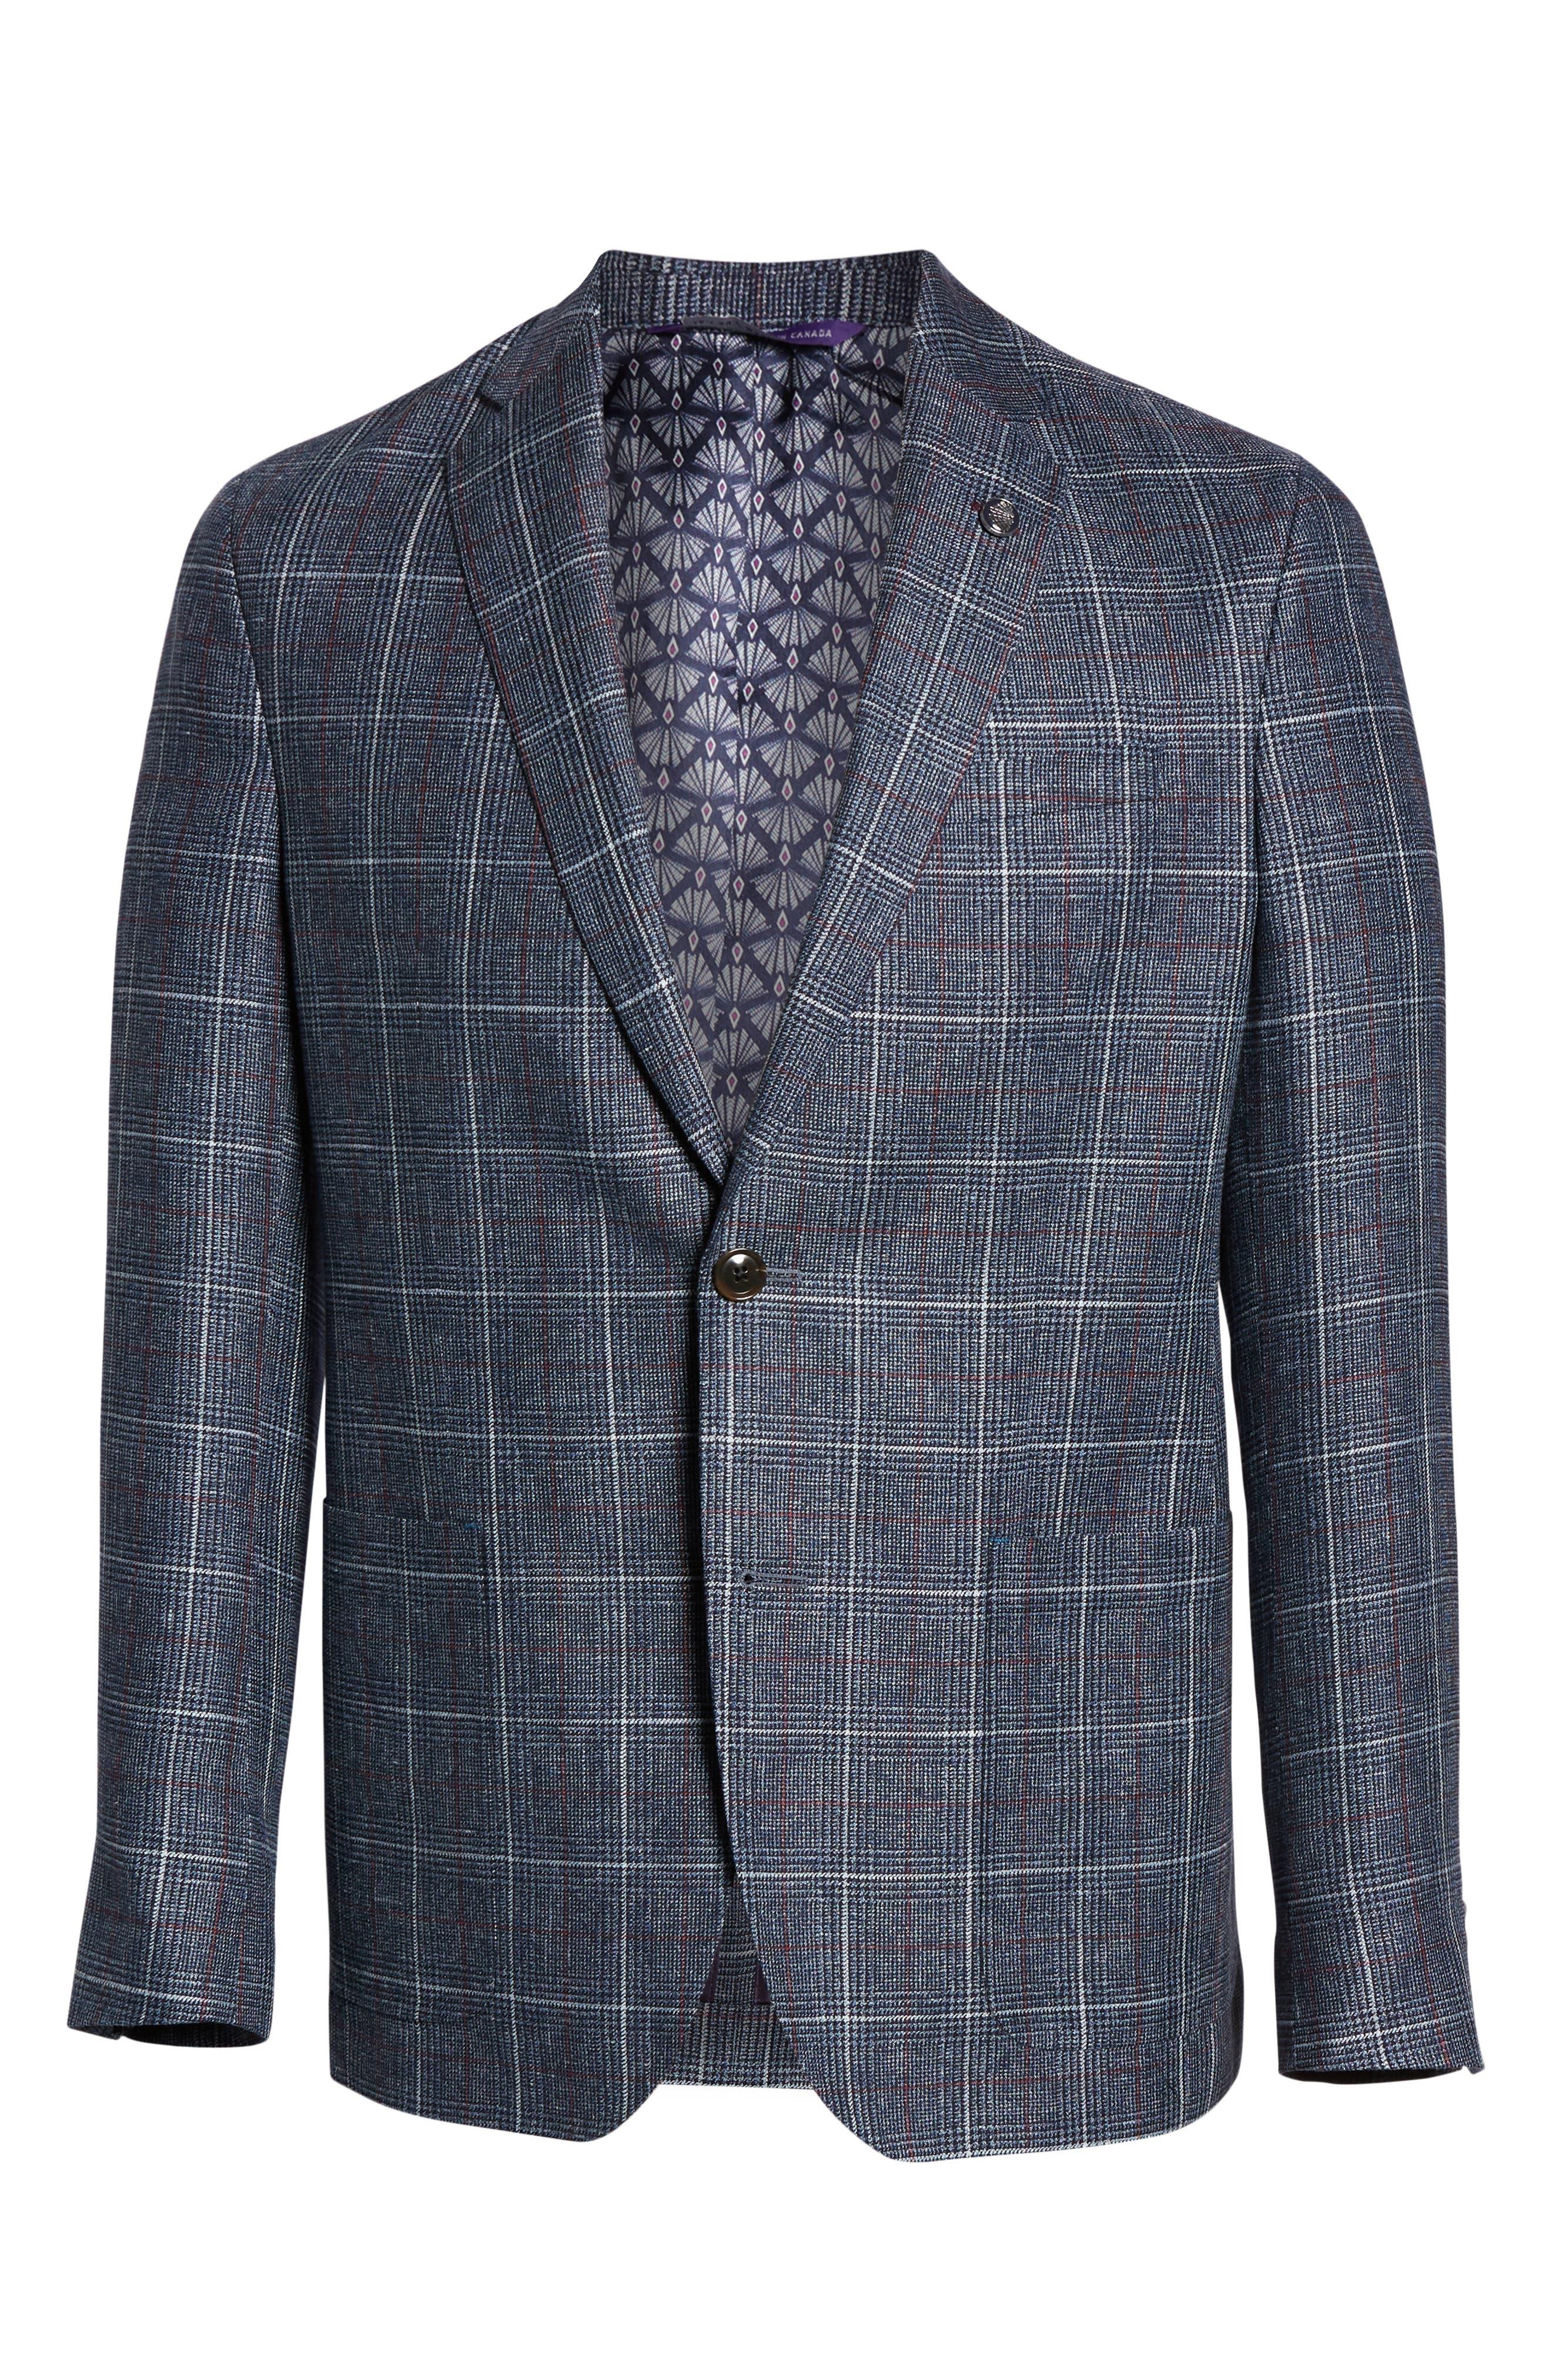 TED BAKER LONDON, Kyle Trim Fit Plaid Linen Blend Sport Coat, Alternate thumbnail 5, color, BLUE